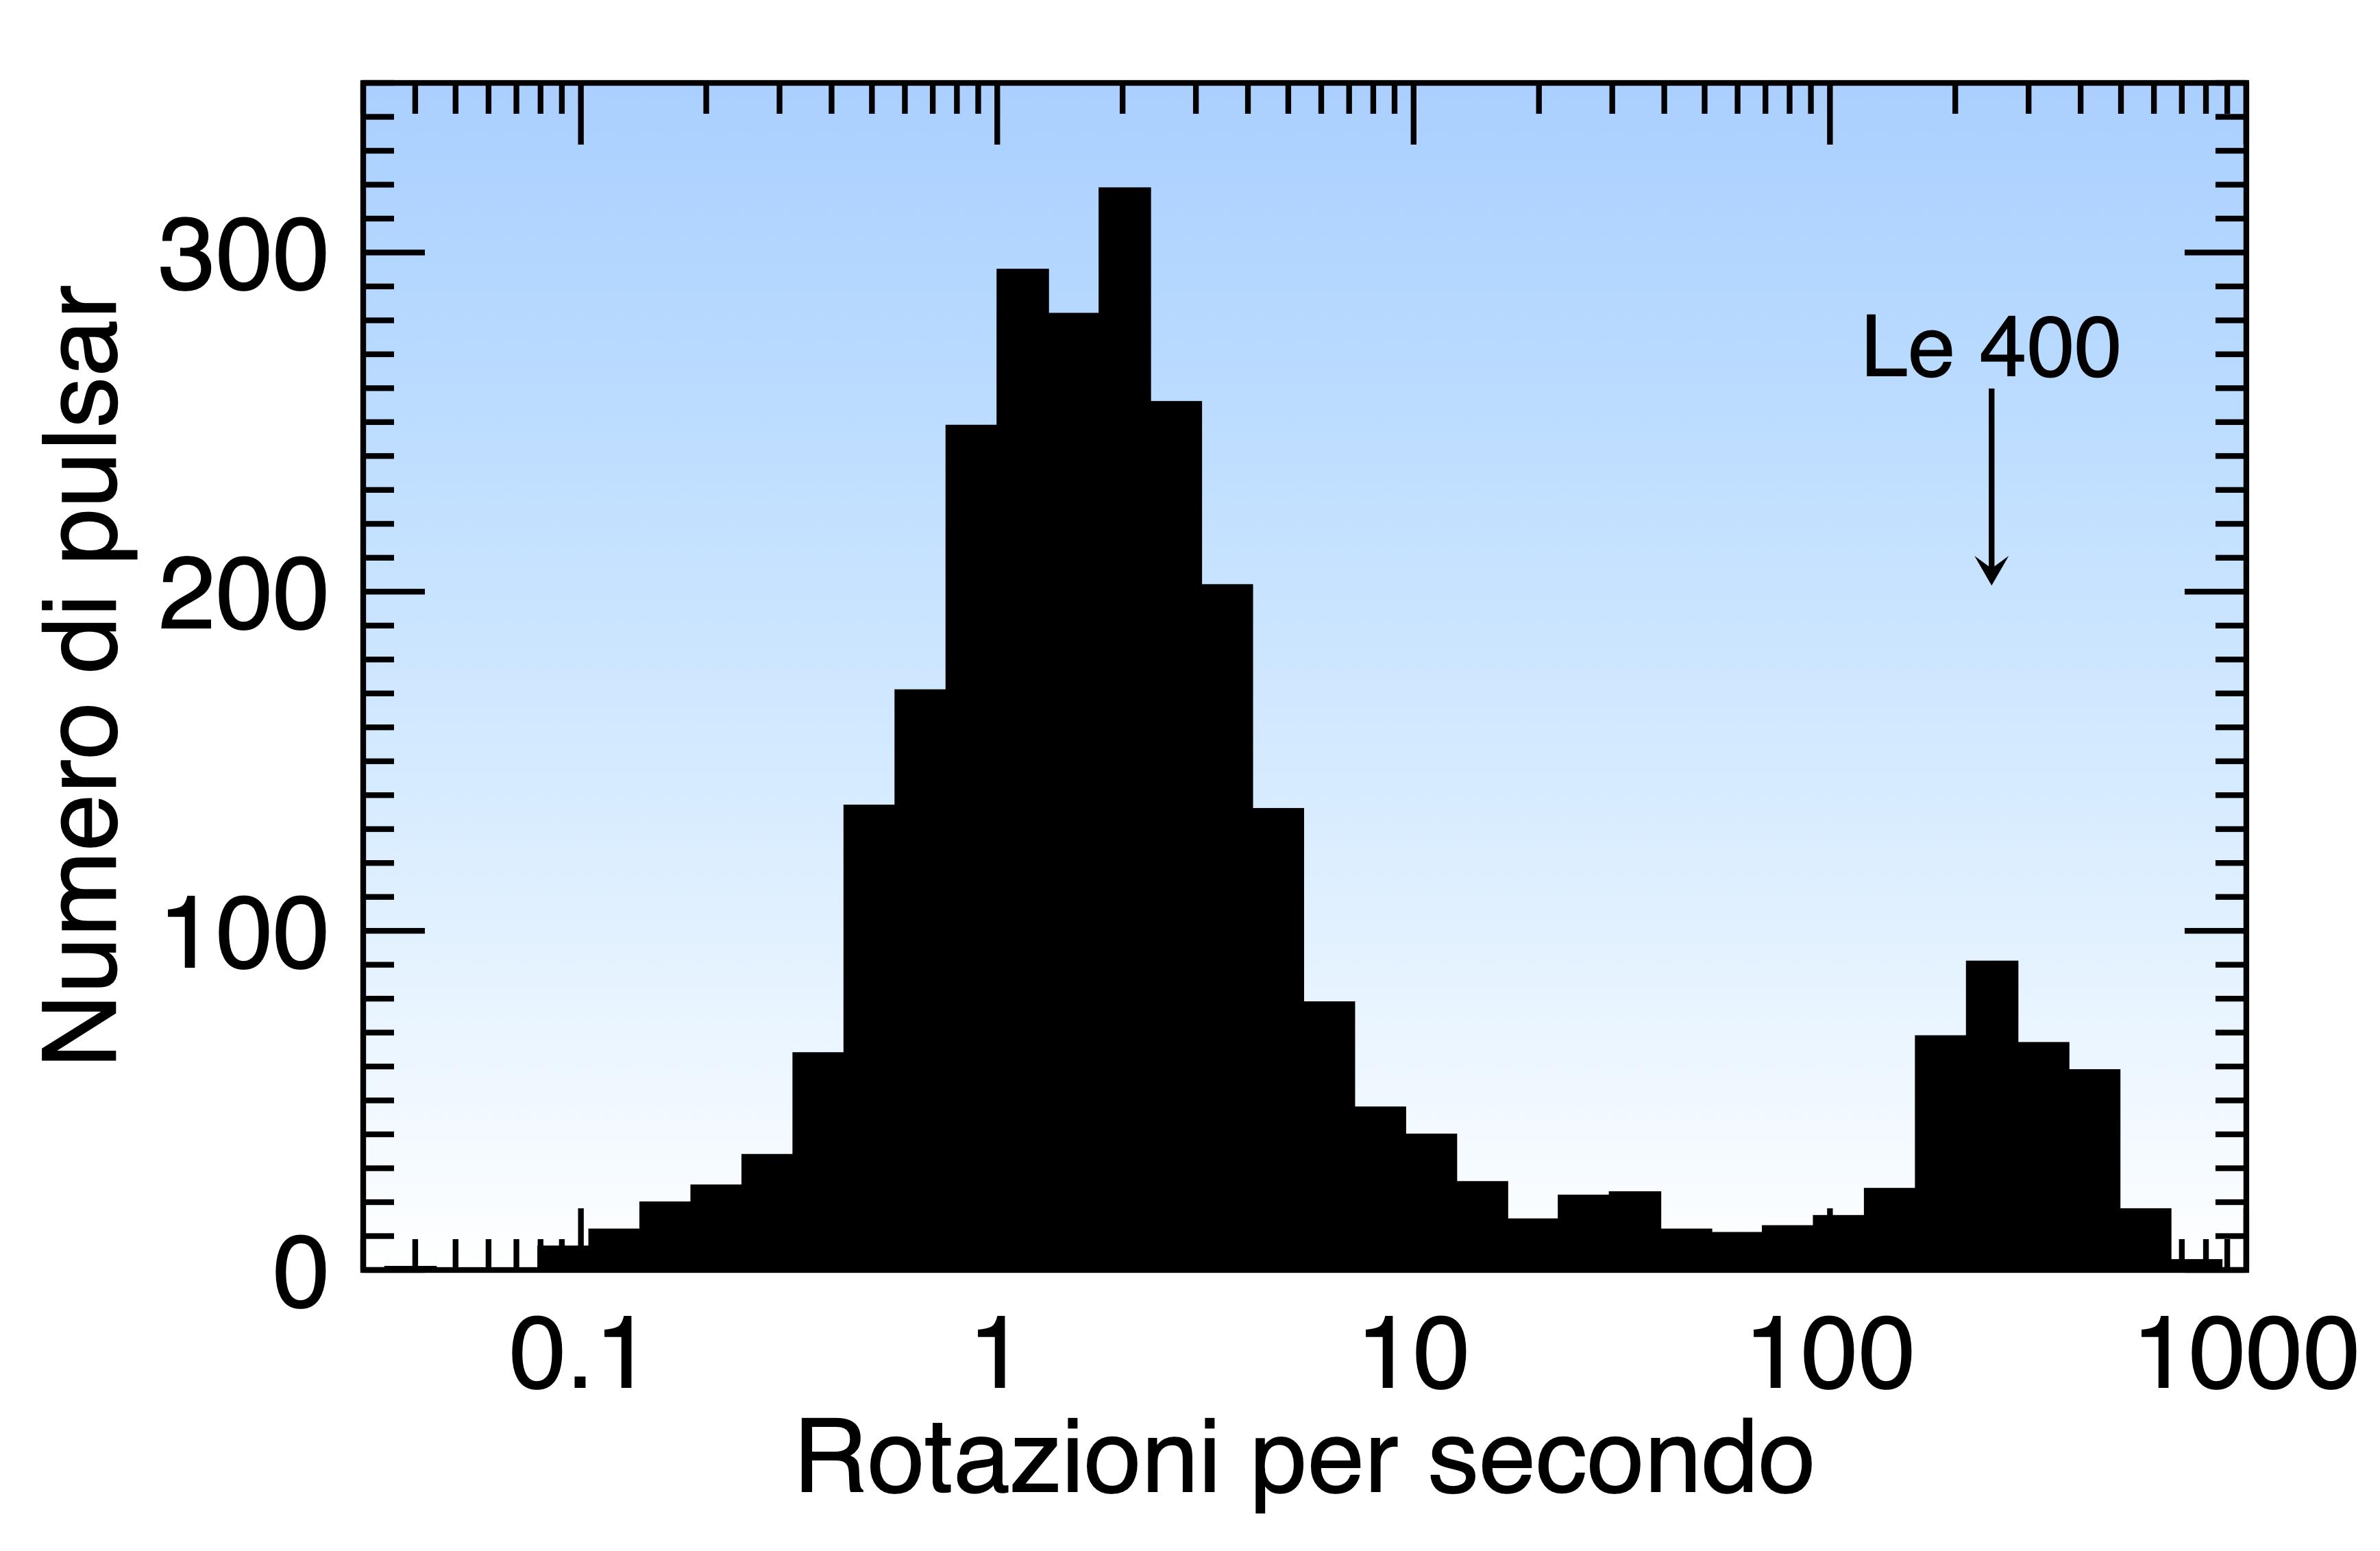 """Fig. 5 - Distribuzione delle frequenze di rotazione delle pulsar coonosciute. Si vedono chiaramente i due picchi corrispondenti alle pulsar """"normali"""" (e quindi lente, a sinistra) e a quella al millisecondo (rapide, a destra). Crediti: Tomaso Belloni."""